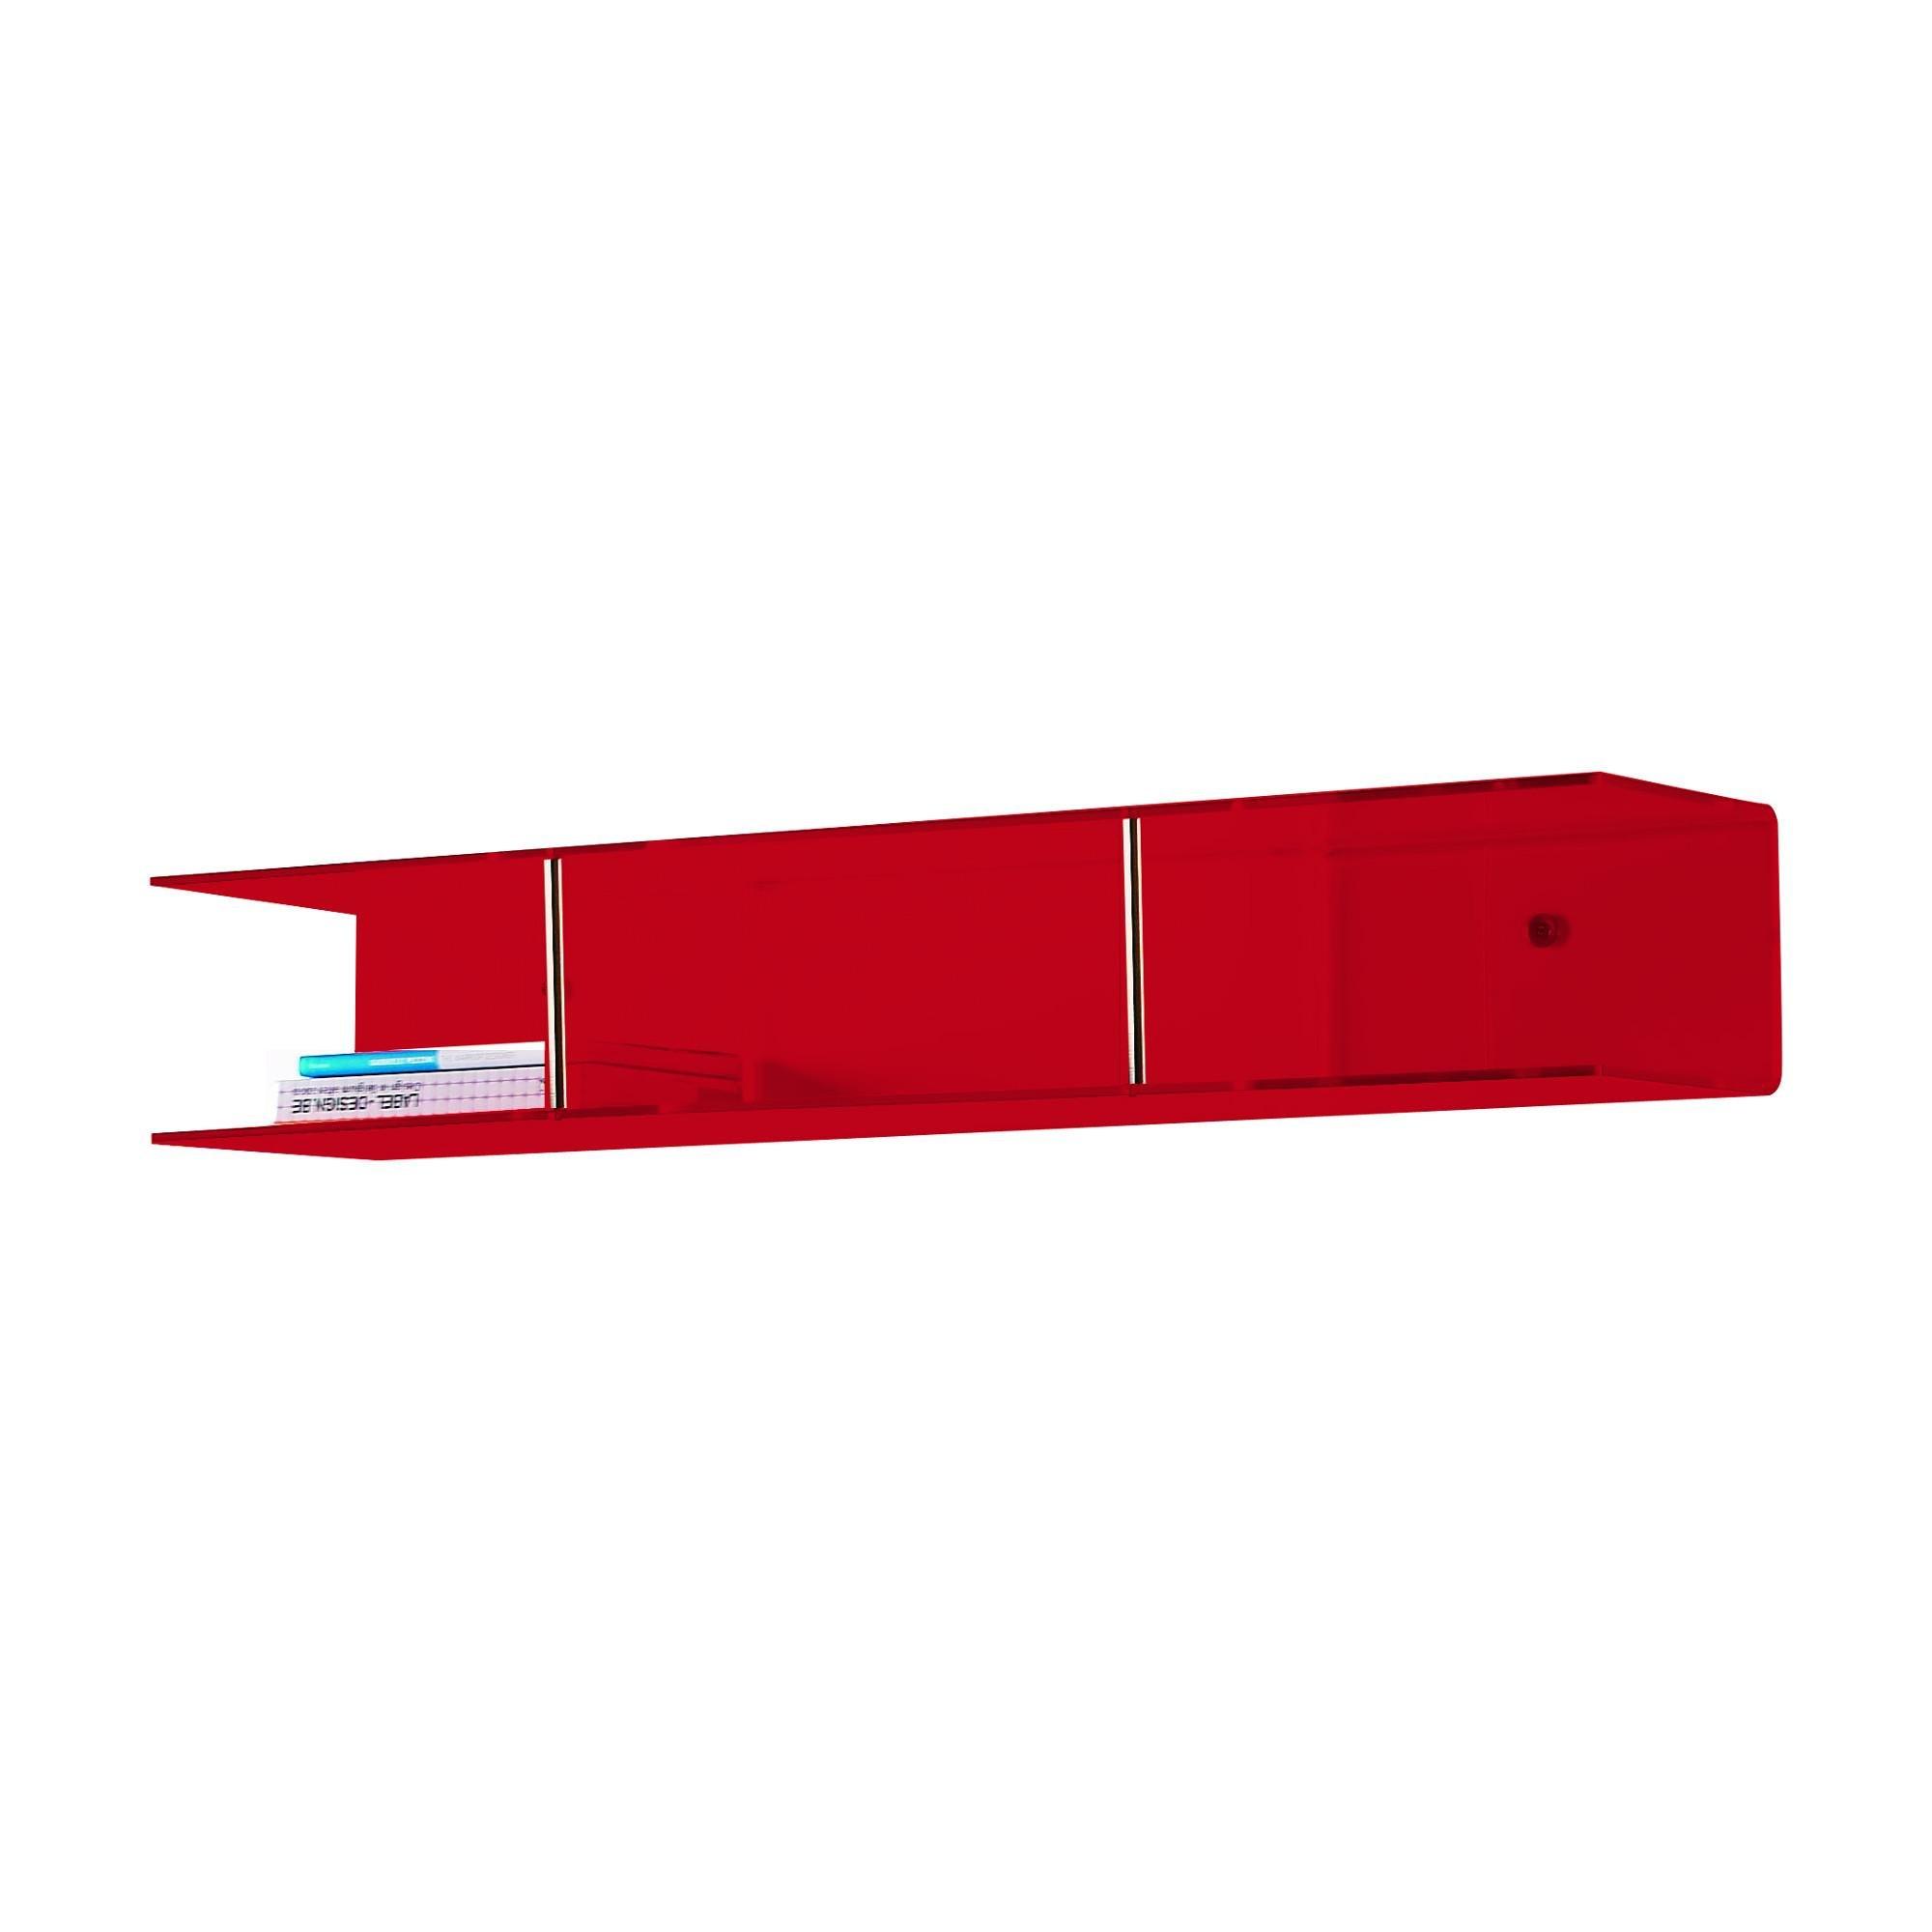 Mensola da parete 100x20Xh16 cm Bi Mensola pensile in metacrilato Portata max: 15 kg Rosso Trasparente